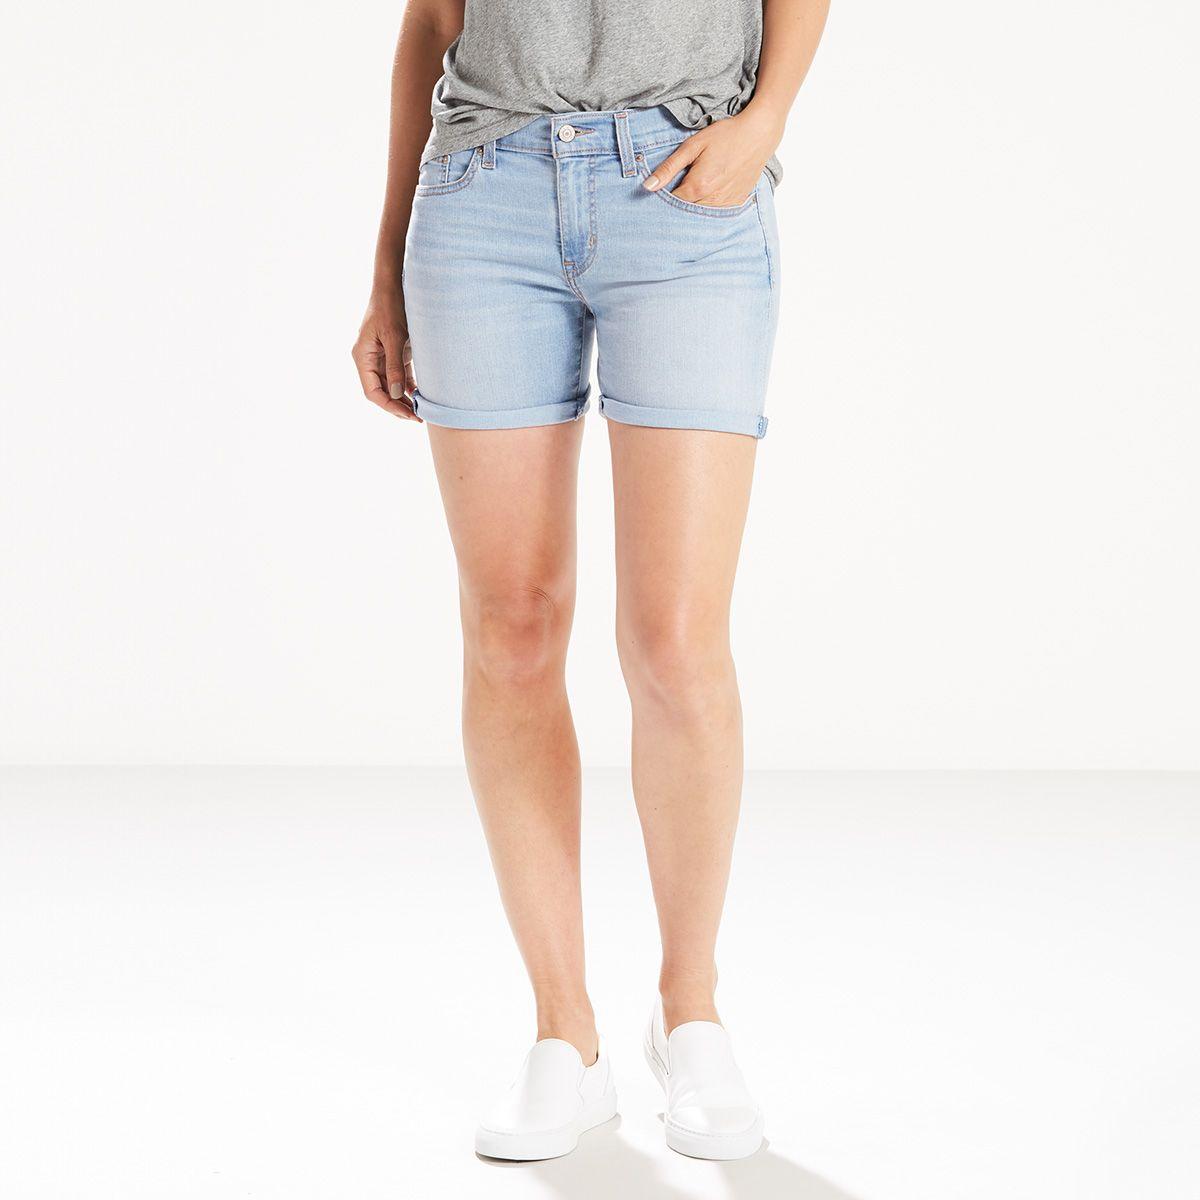 Womens Skinny Camo Jeans